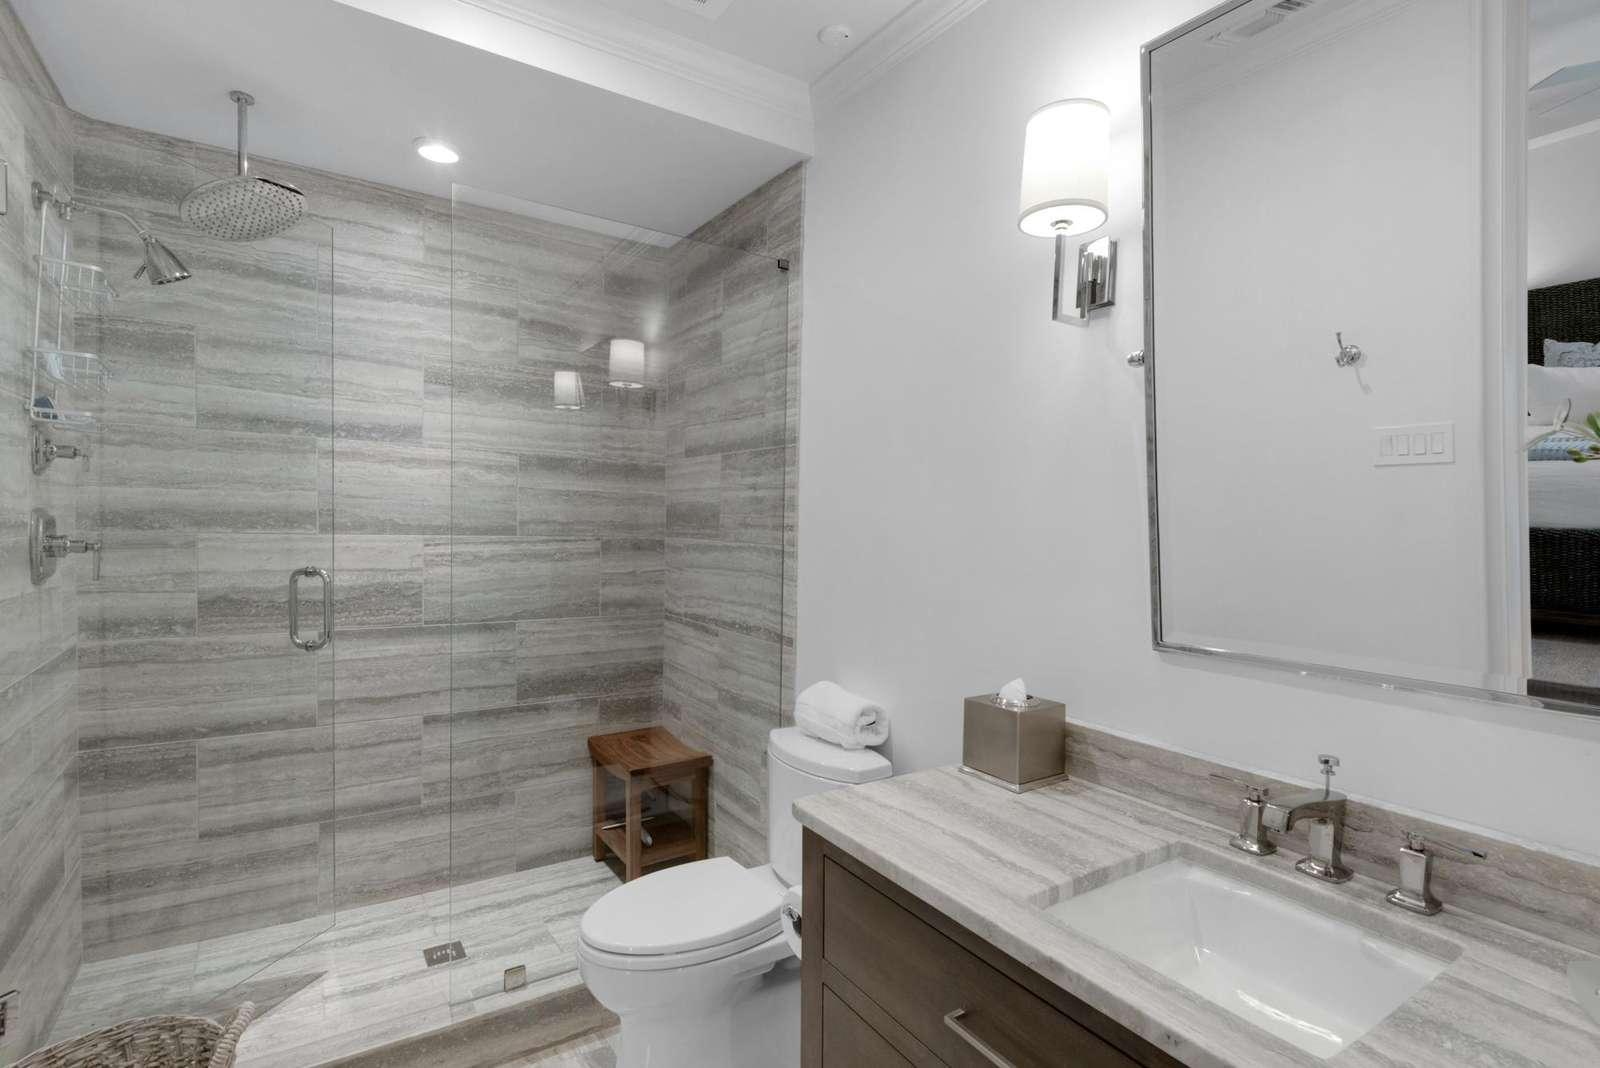 Larger walk-in shower